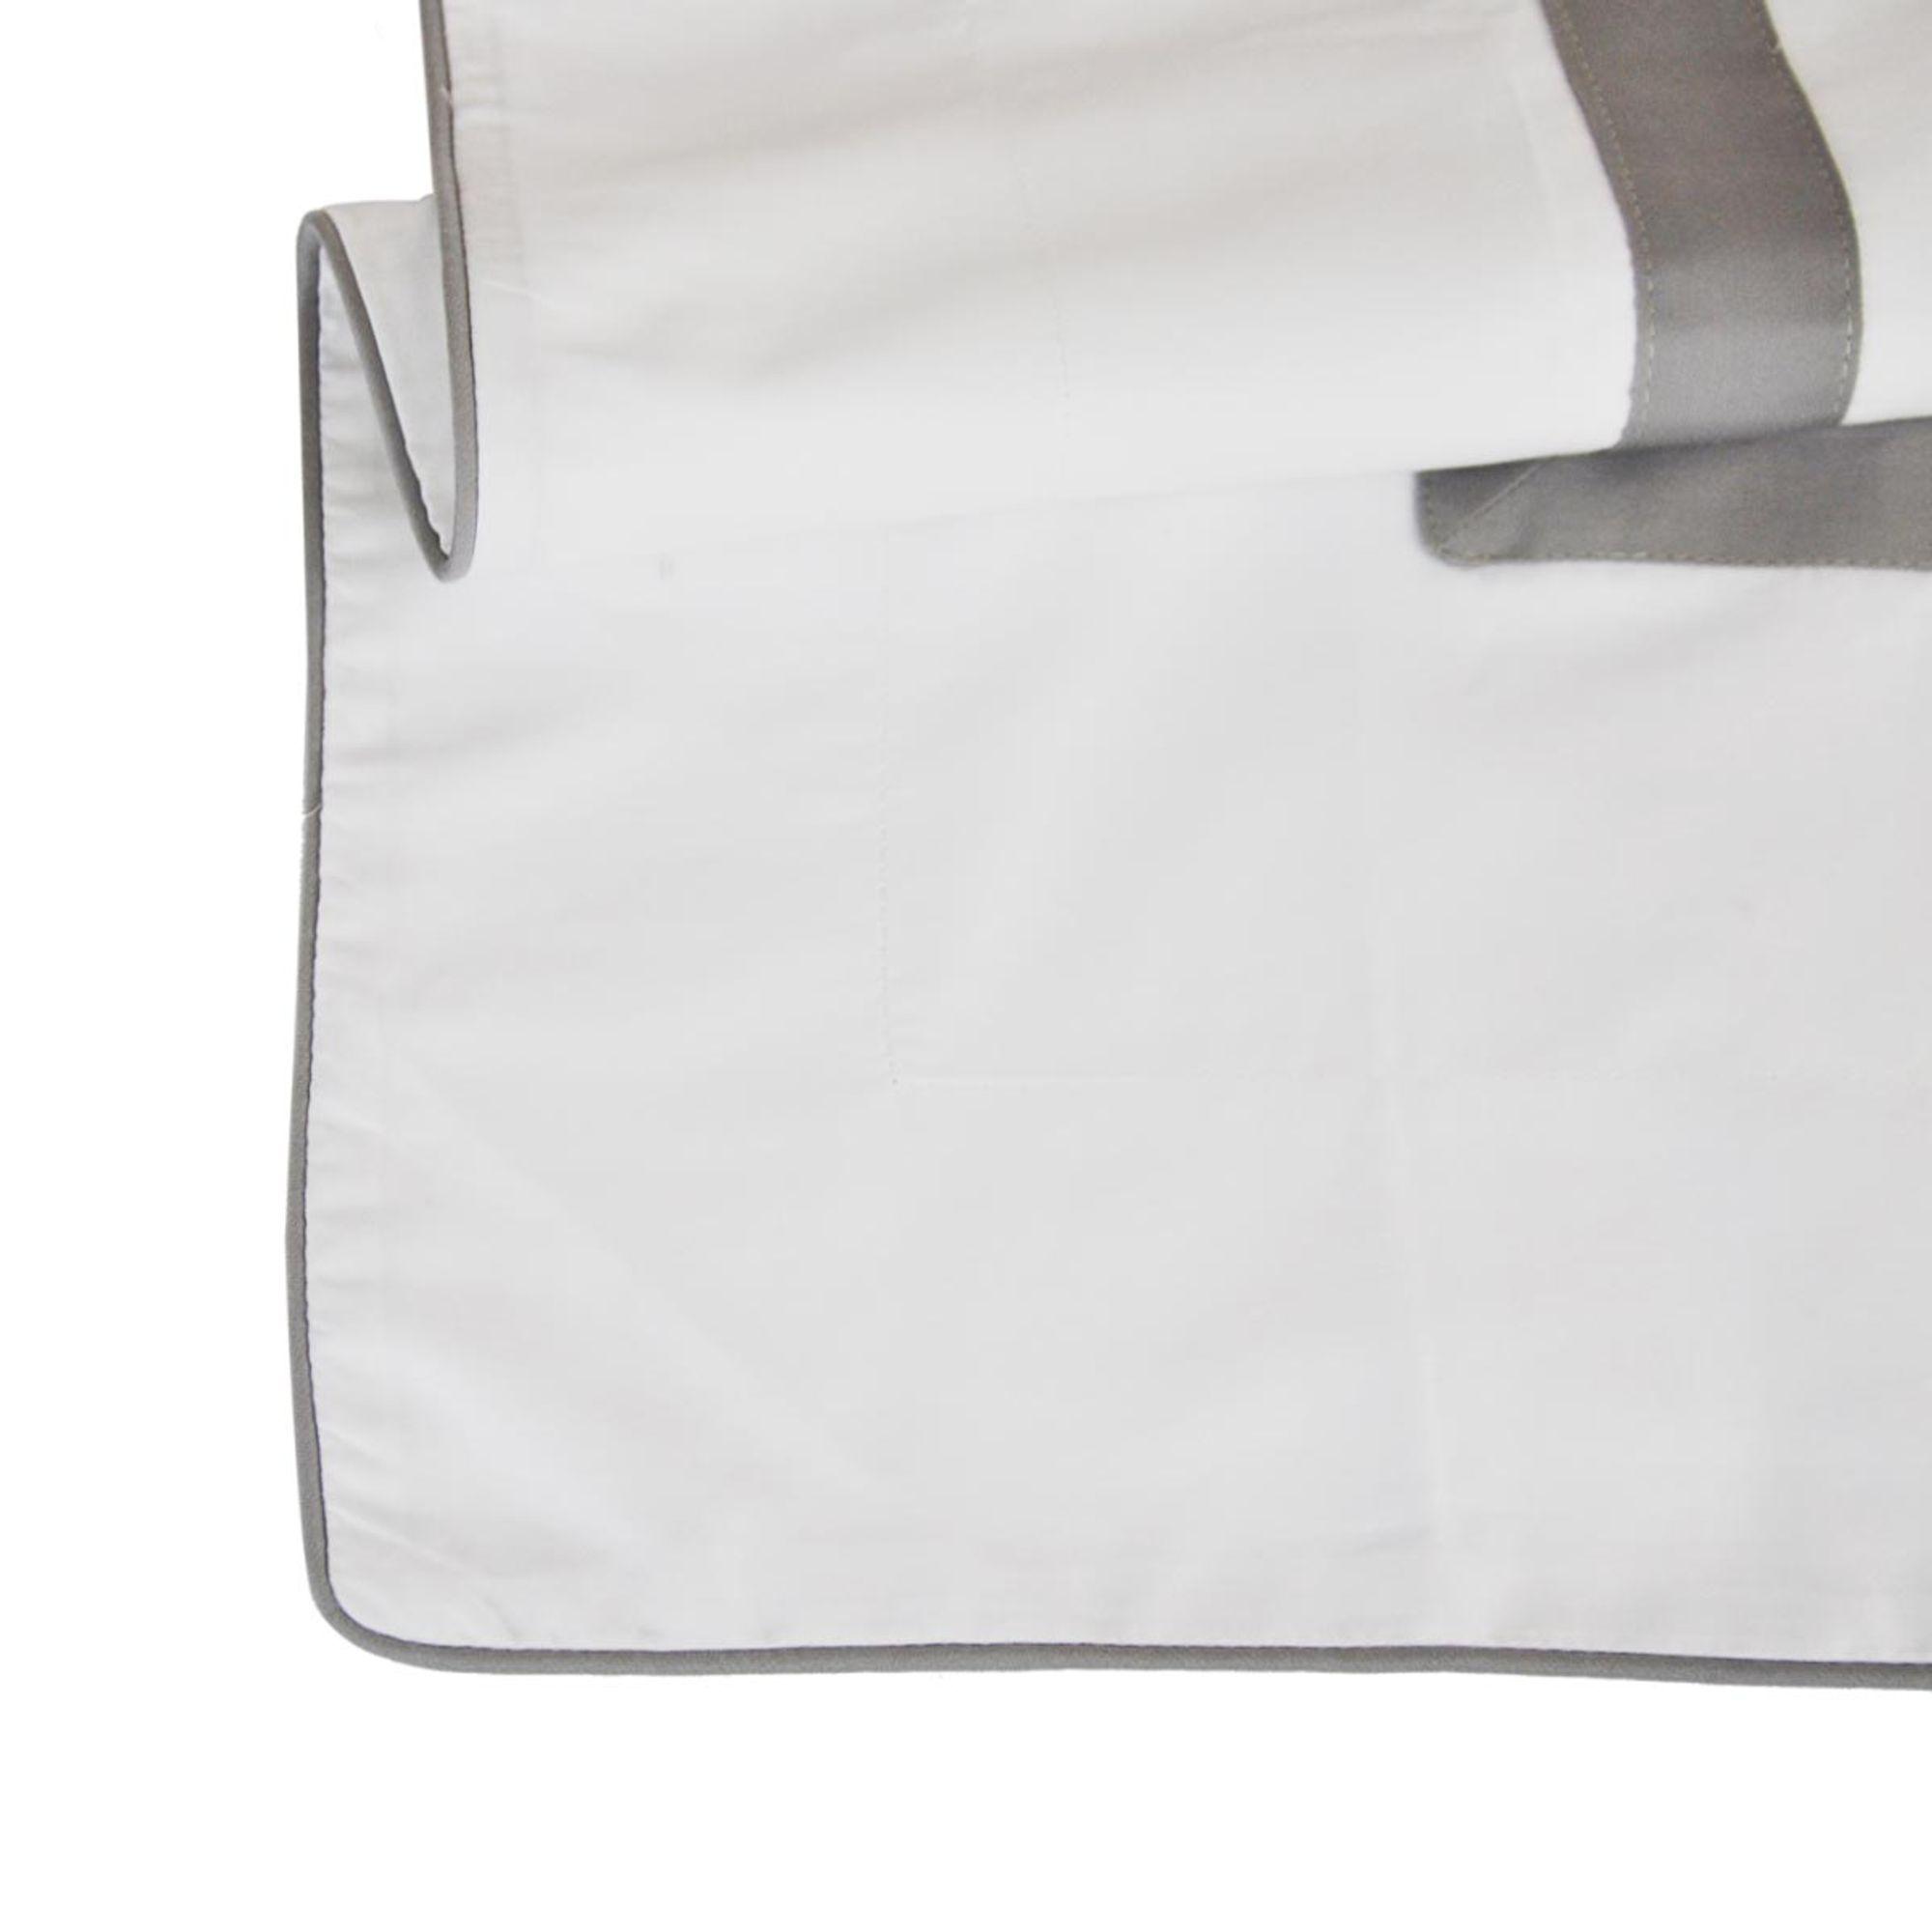 c80b440d99 MaleneEnxovais - Mobile · Cama · Jogo de lençol. Previous